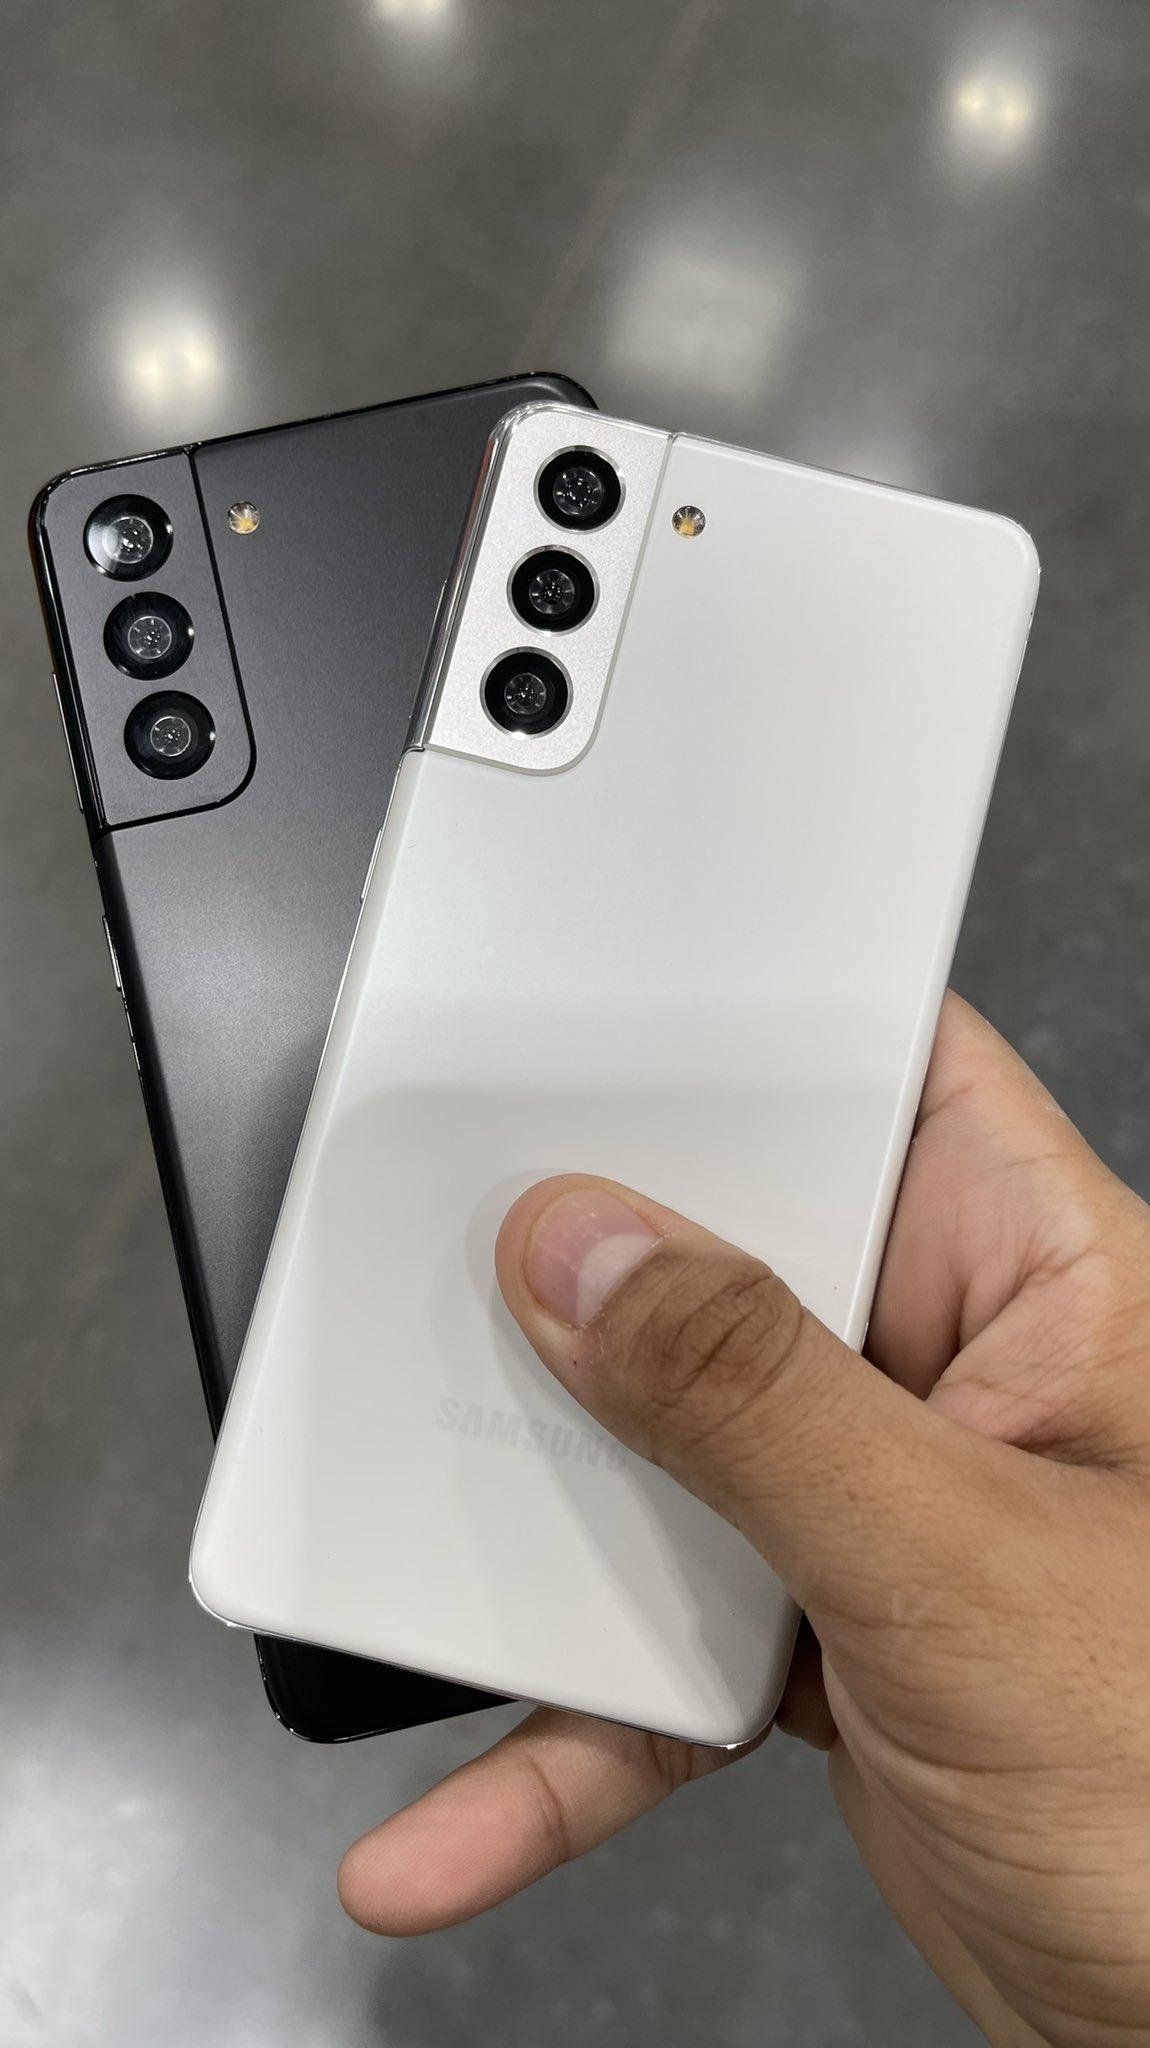 Καμαρώστε λίγο πριν την παρουσίασή τους τα νέα μοντέλα της σειράς Samsung Galaxy S21 που δεν θα δέχονται κάρτες microSD 4